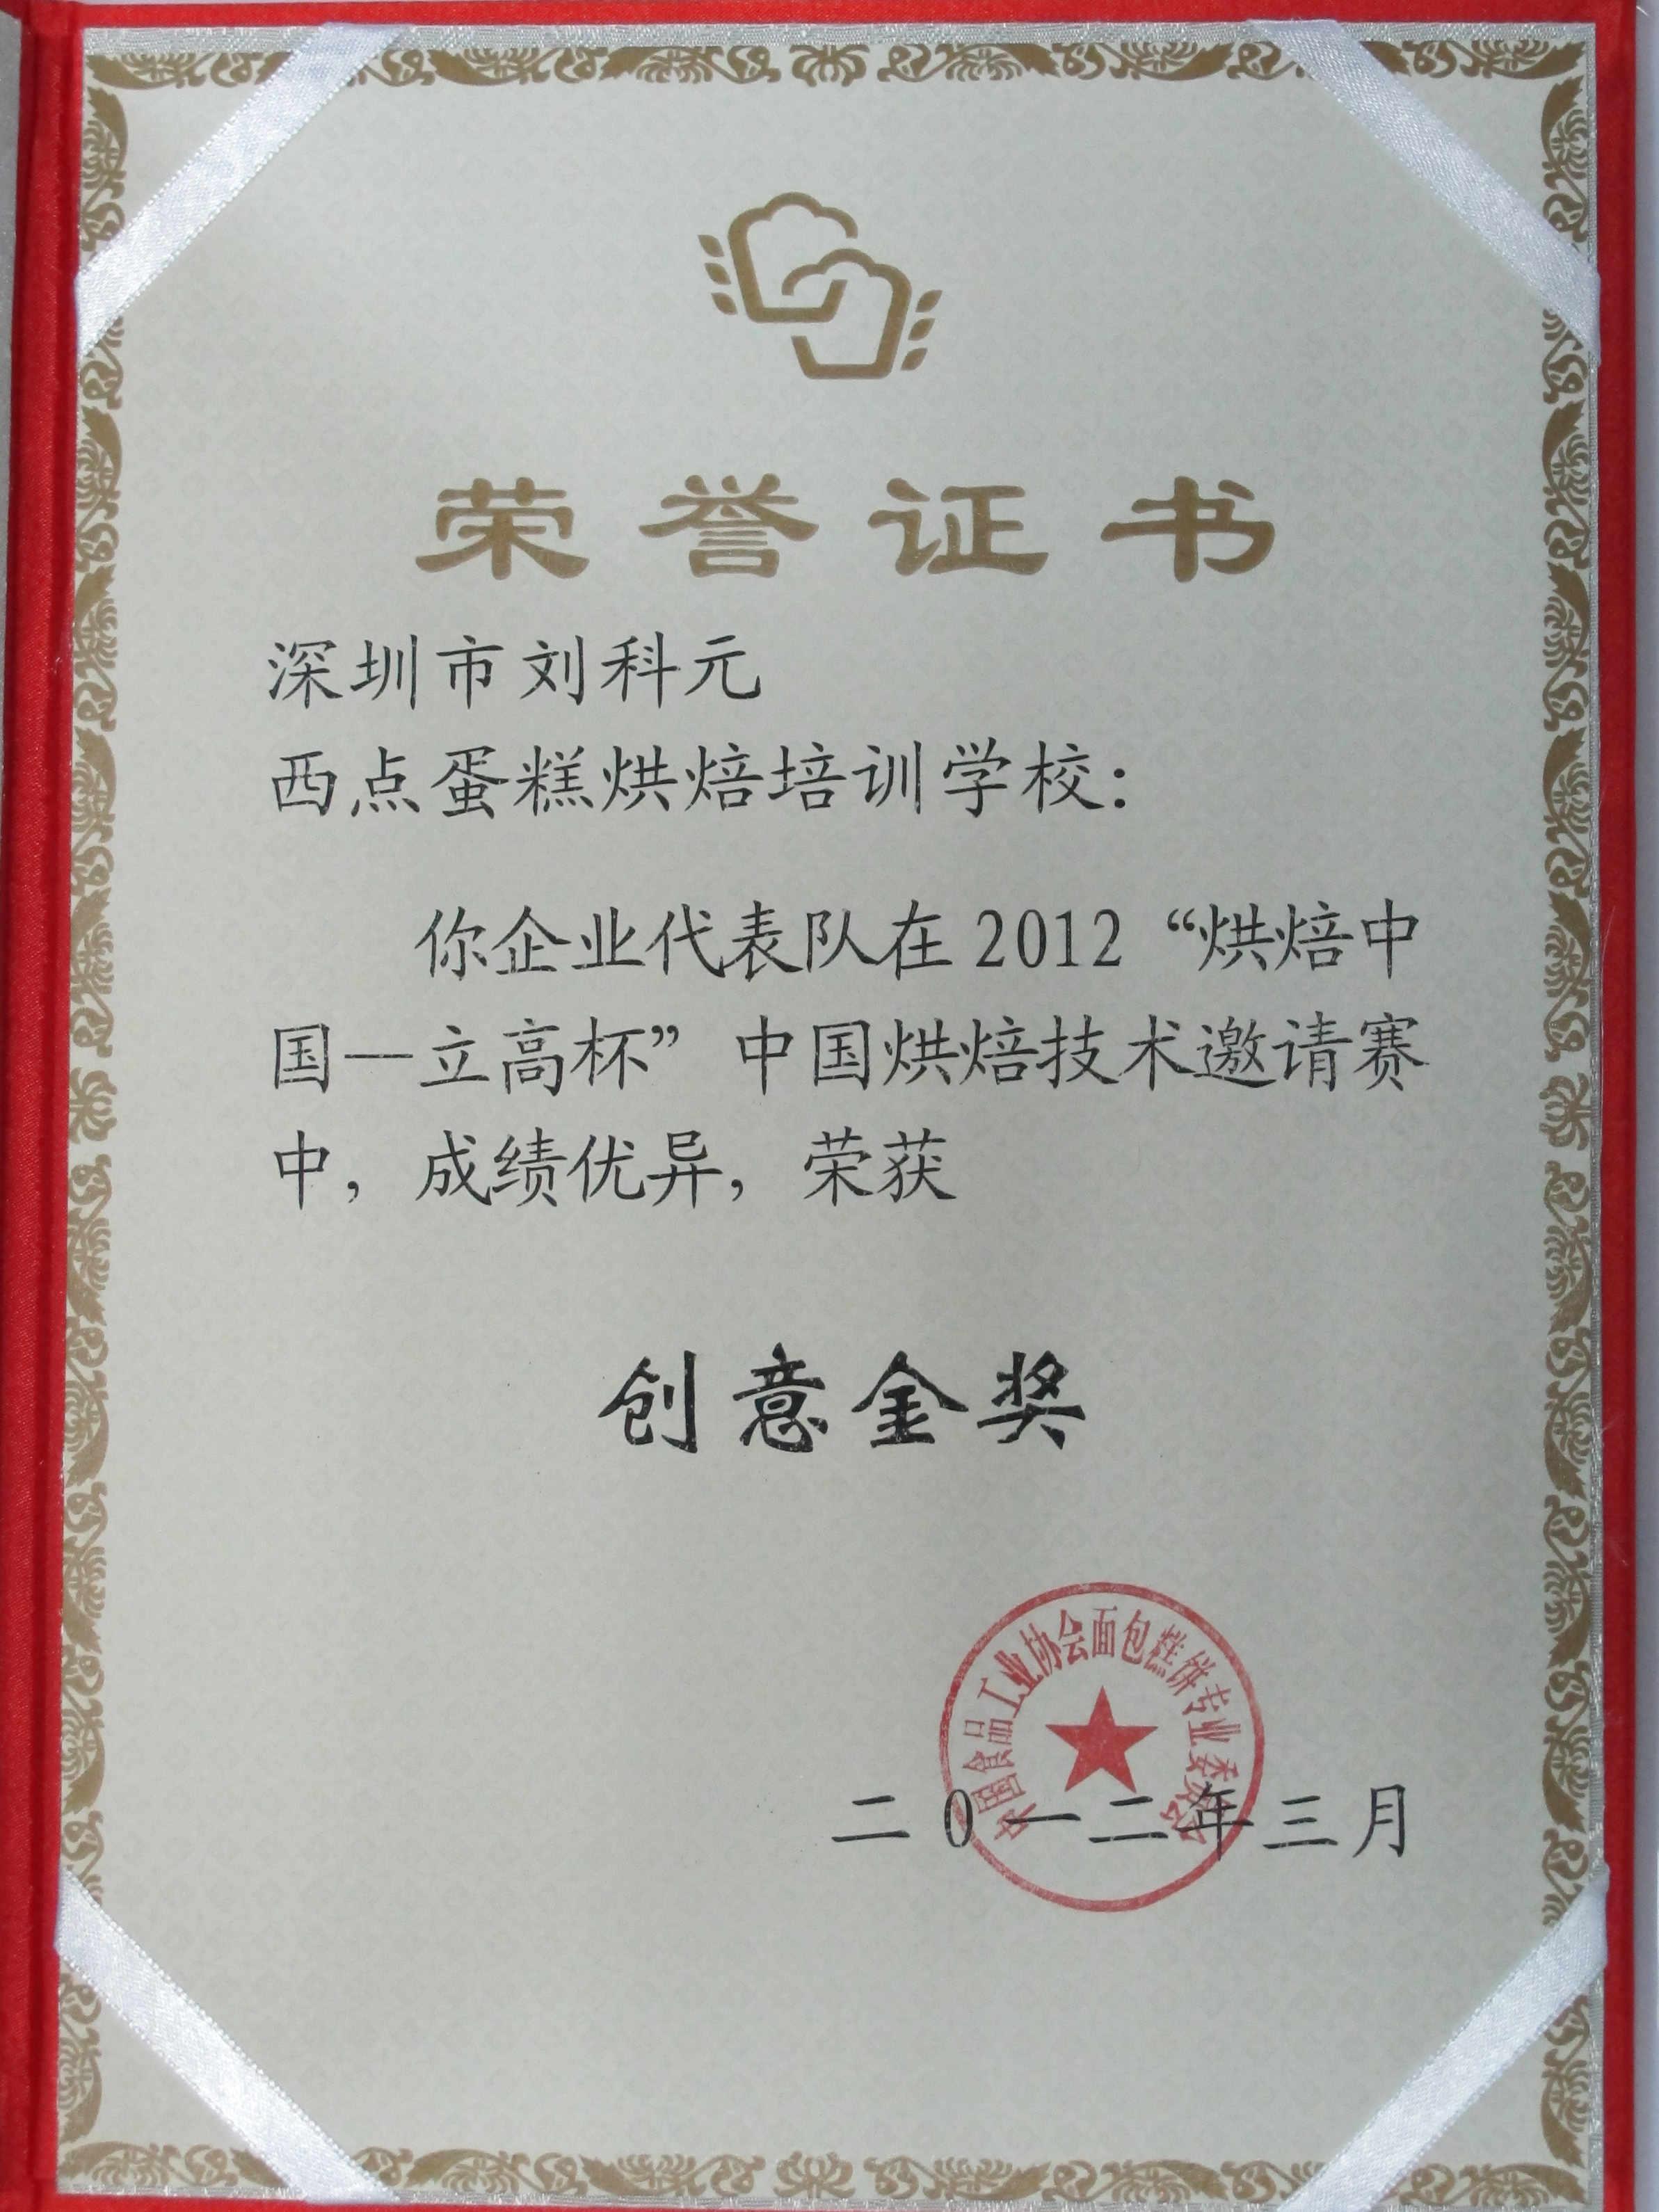 """烘焙中国2012烘焙技术邀请赛""""主题创意金奖"""""""